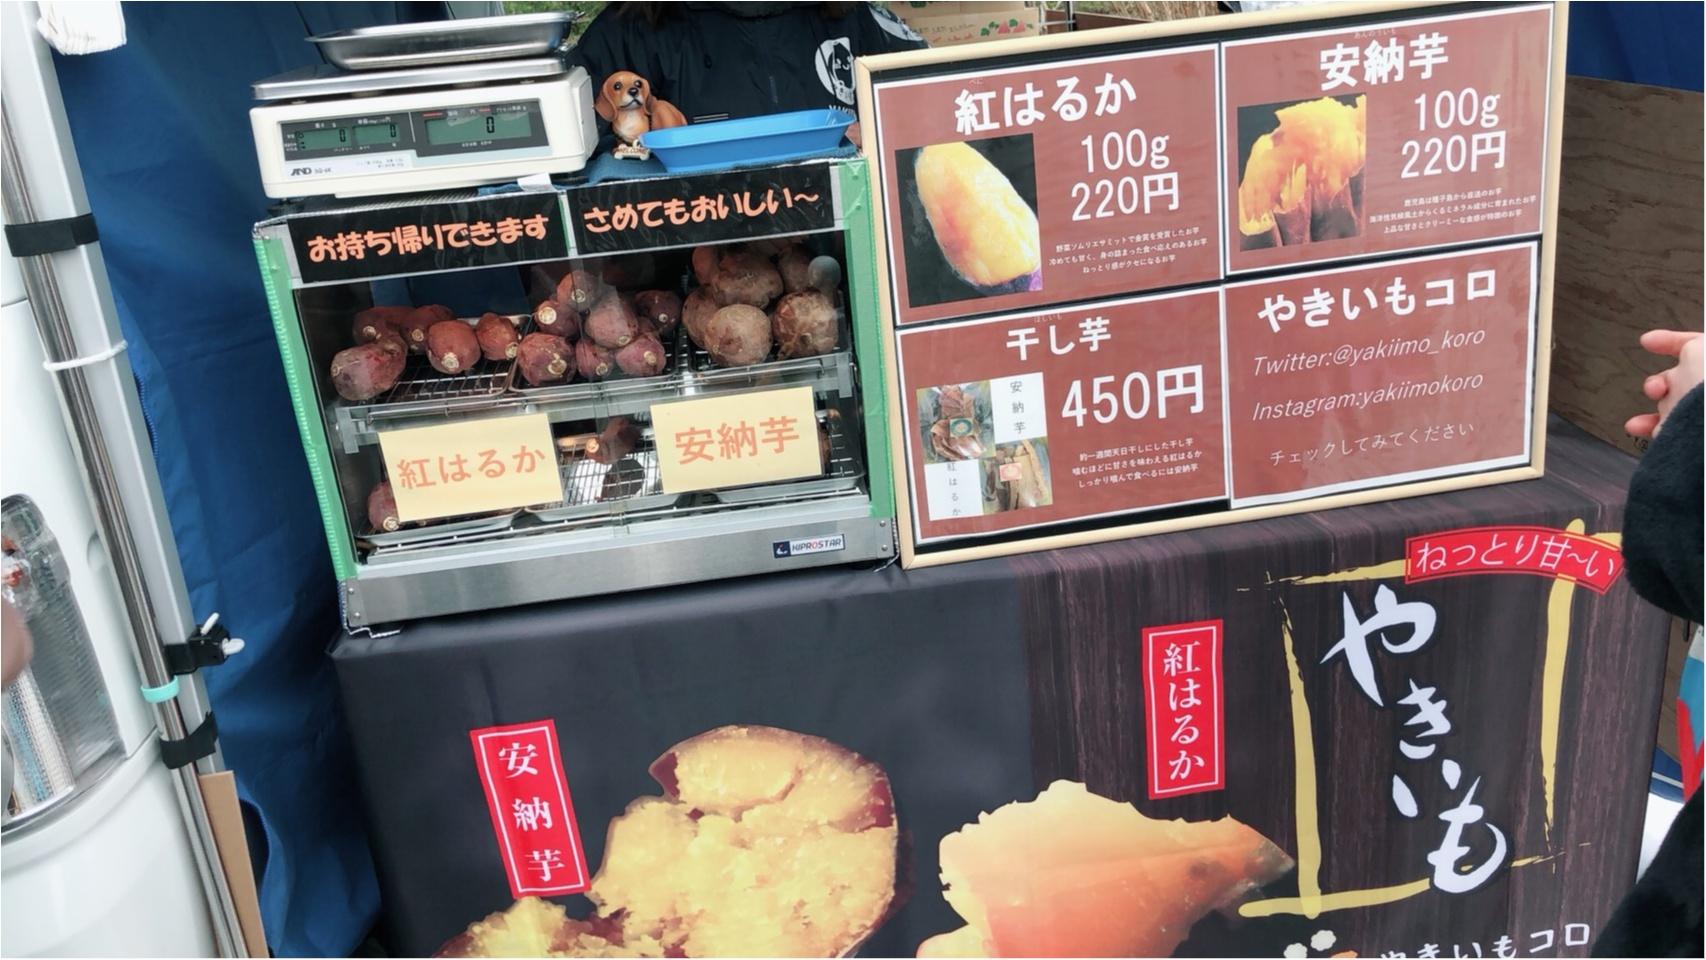 今年も始まった‼「品川やきいもテラス」は全国から焼き芋屋さんが集合する焼き芋祭り‼_7